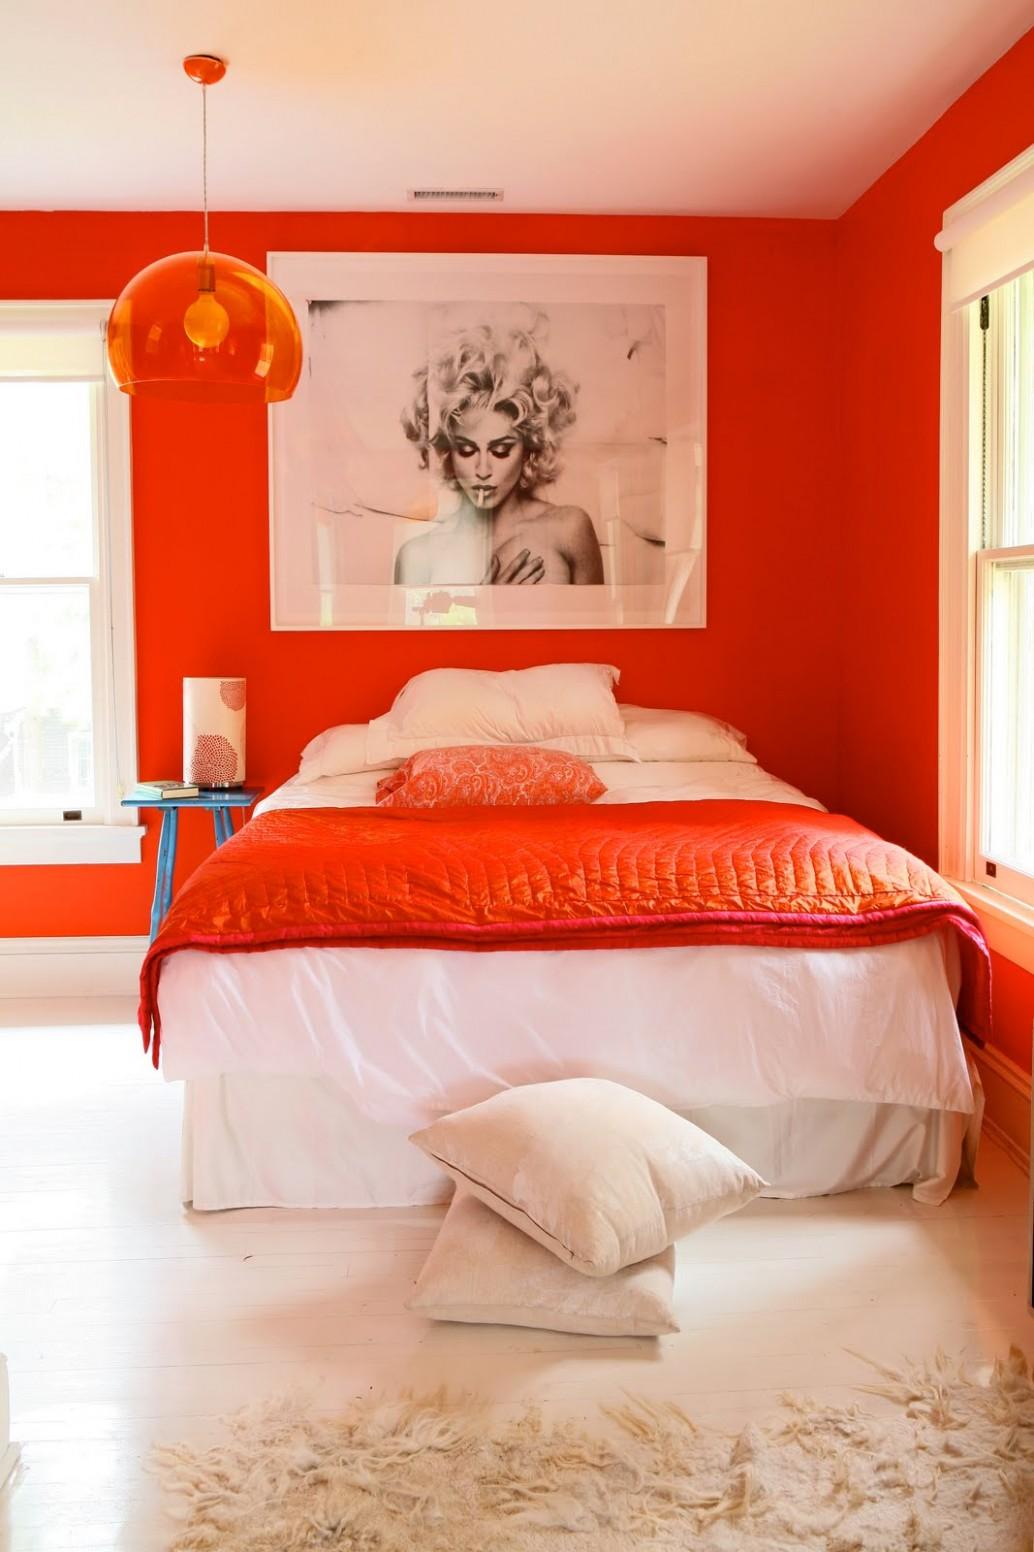 Orange Walls In A Bed Room  Interior Design Ideas - Bedroom Ideas Orange